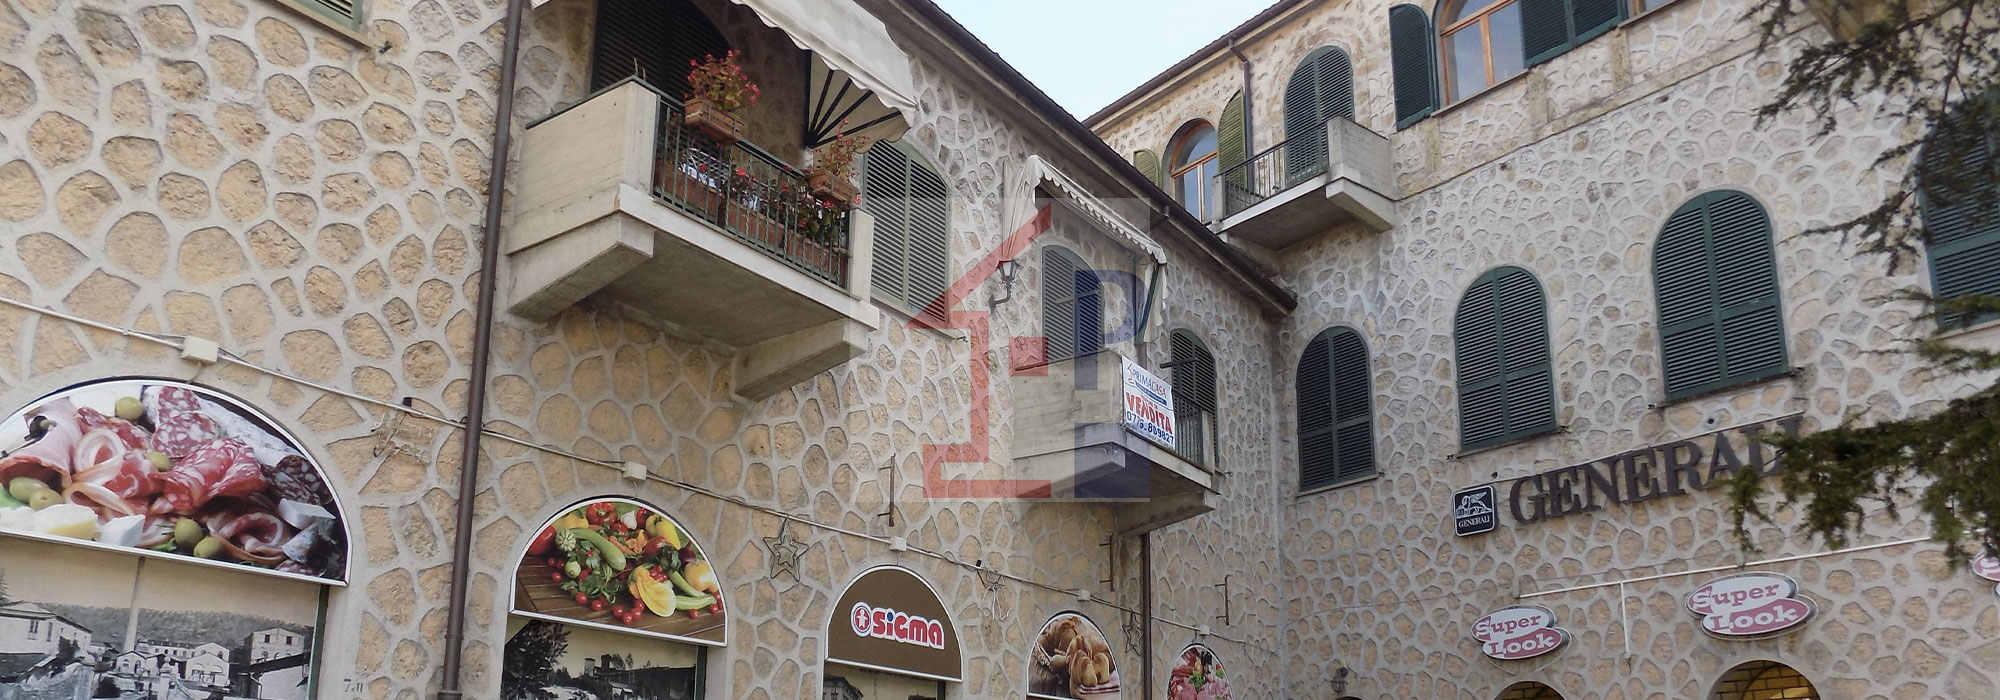 Appartamento nei pressi del centro in vendita ad Isola del Liri  Rif.52